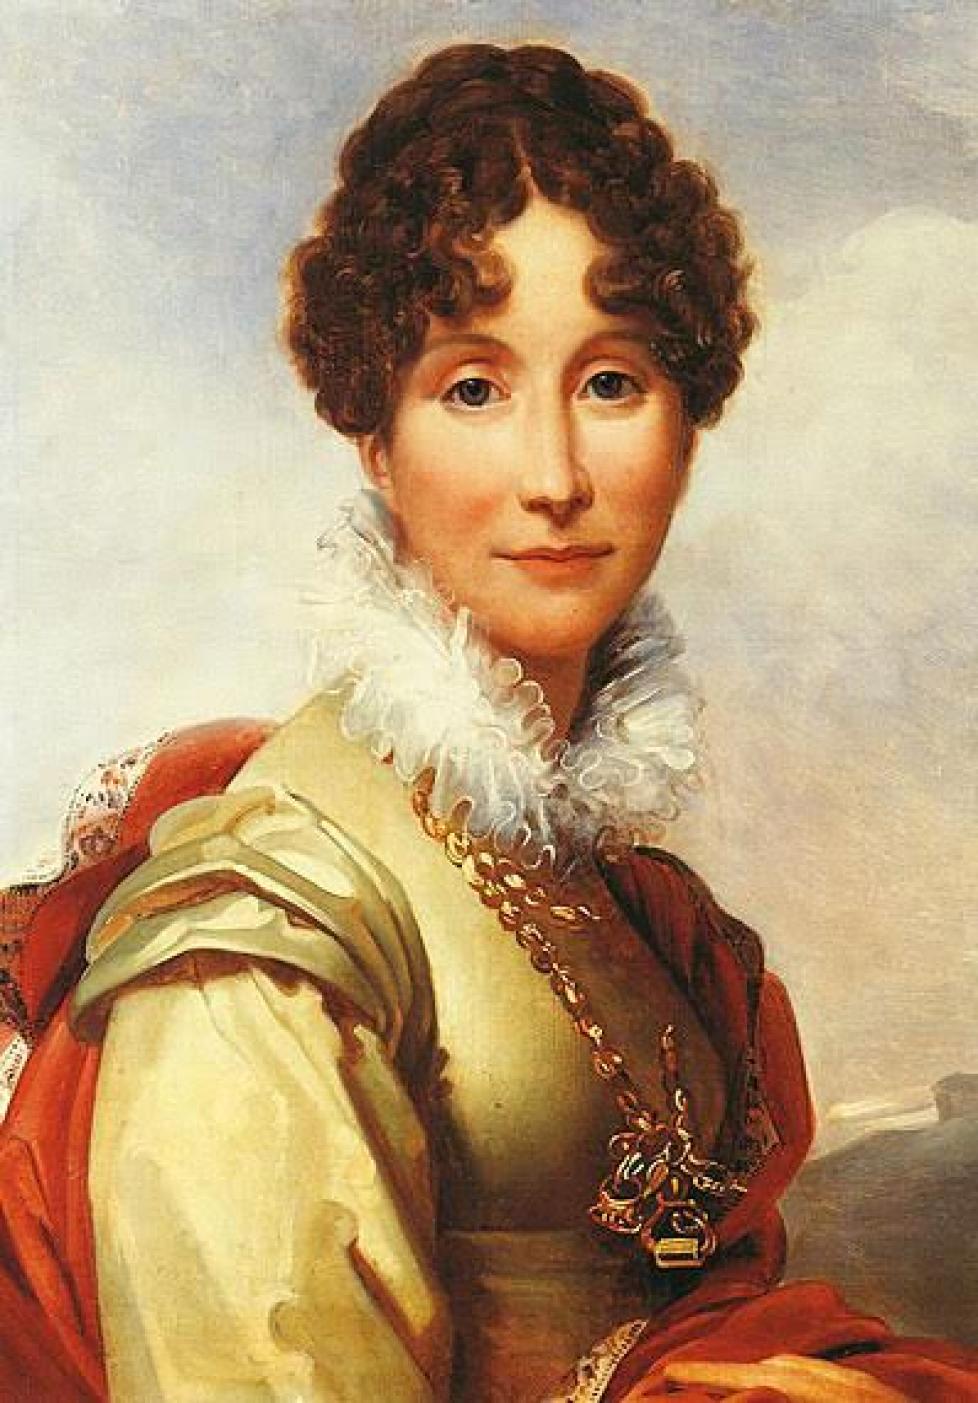 Conférence de Dominique Paoli sur Madame Adelaïde